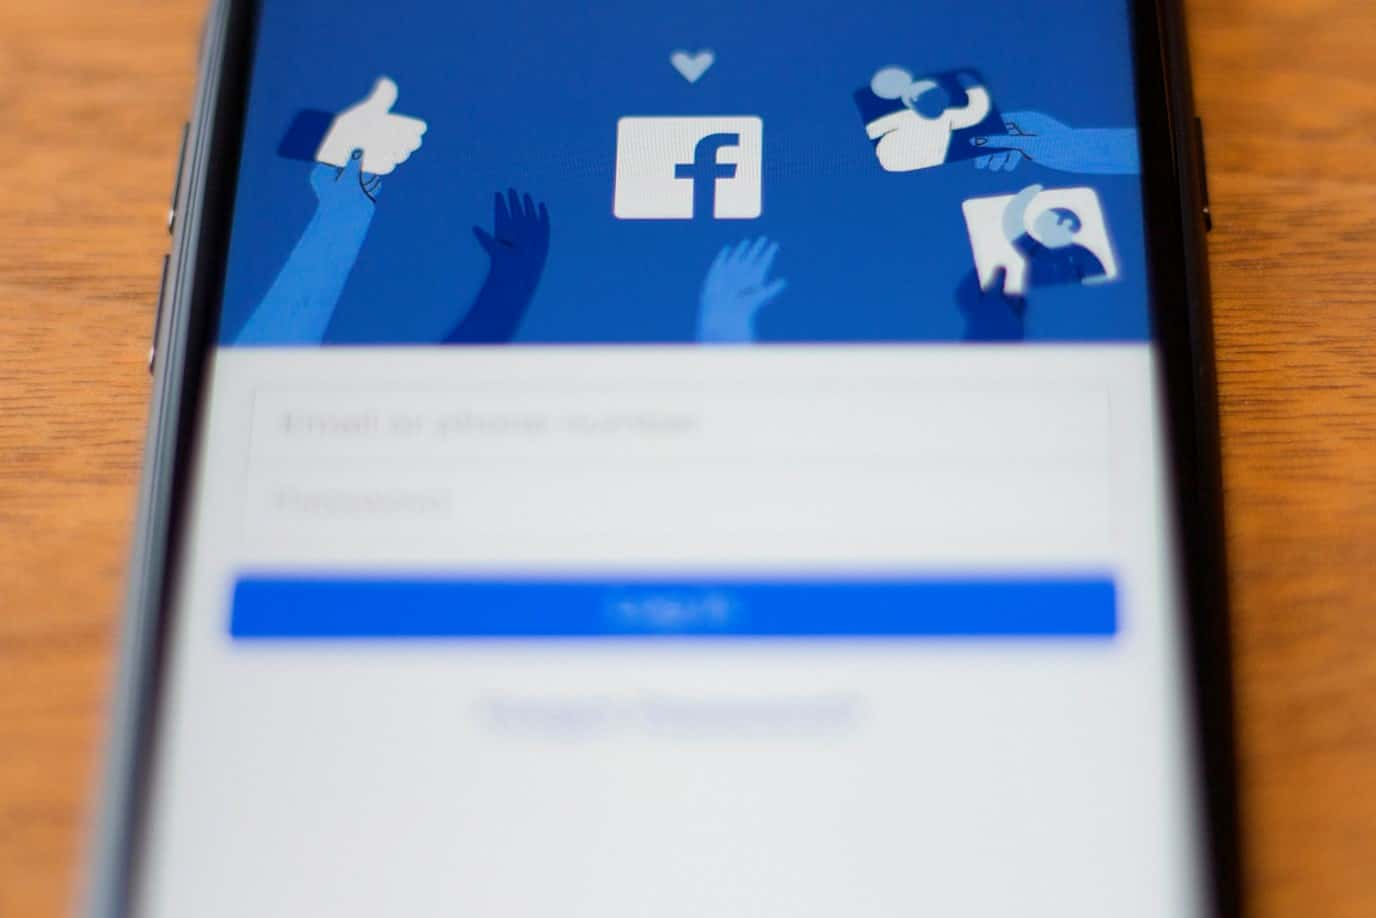 Facebook يتتبع بياناتك ! إليك كيفية إيقافه من تتبع تحركاتك عبر الإنترنت - شروحات